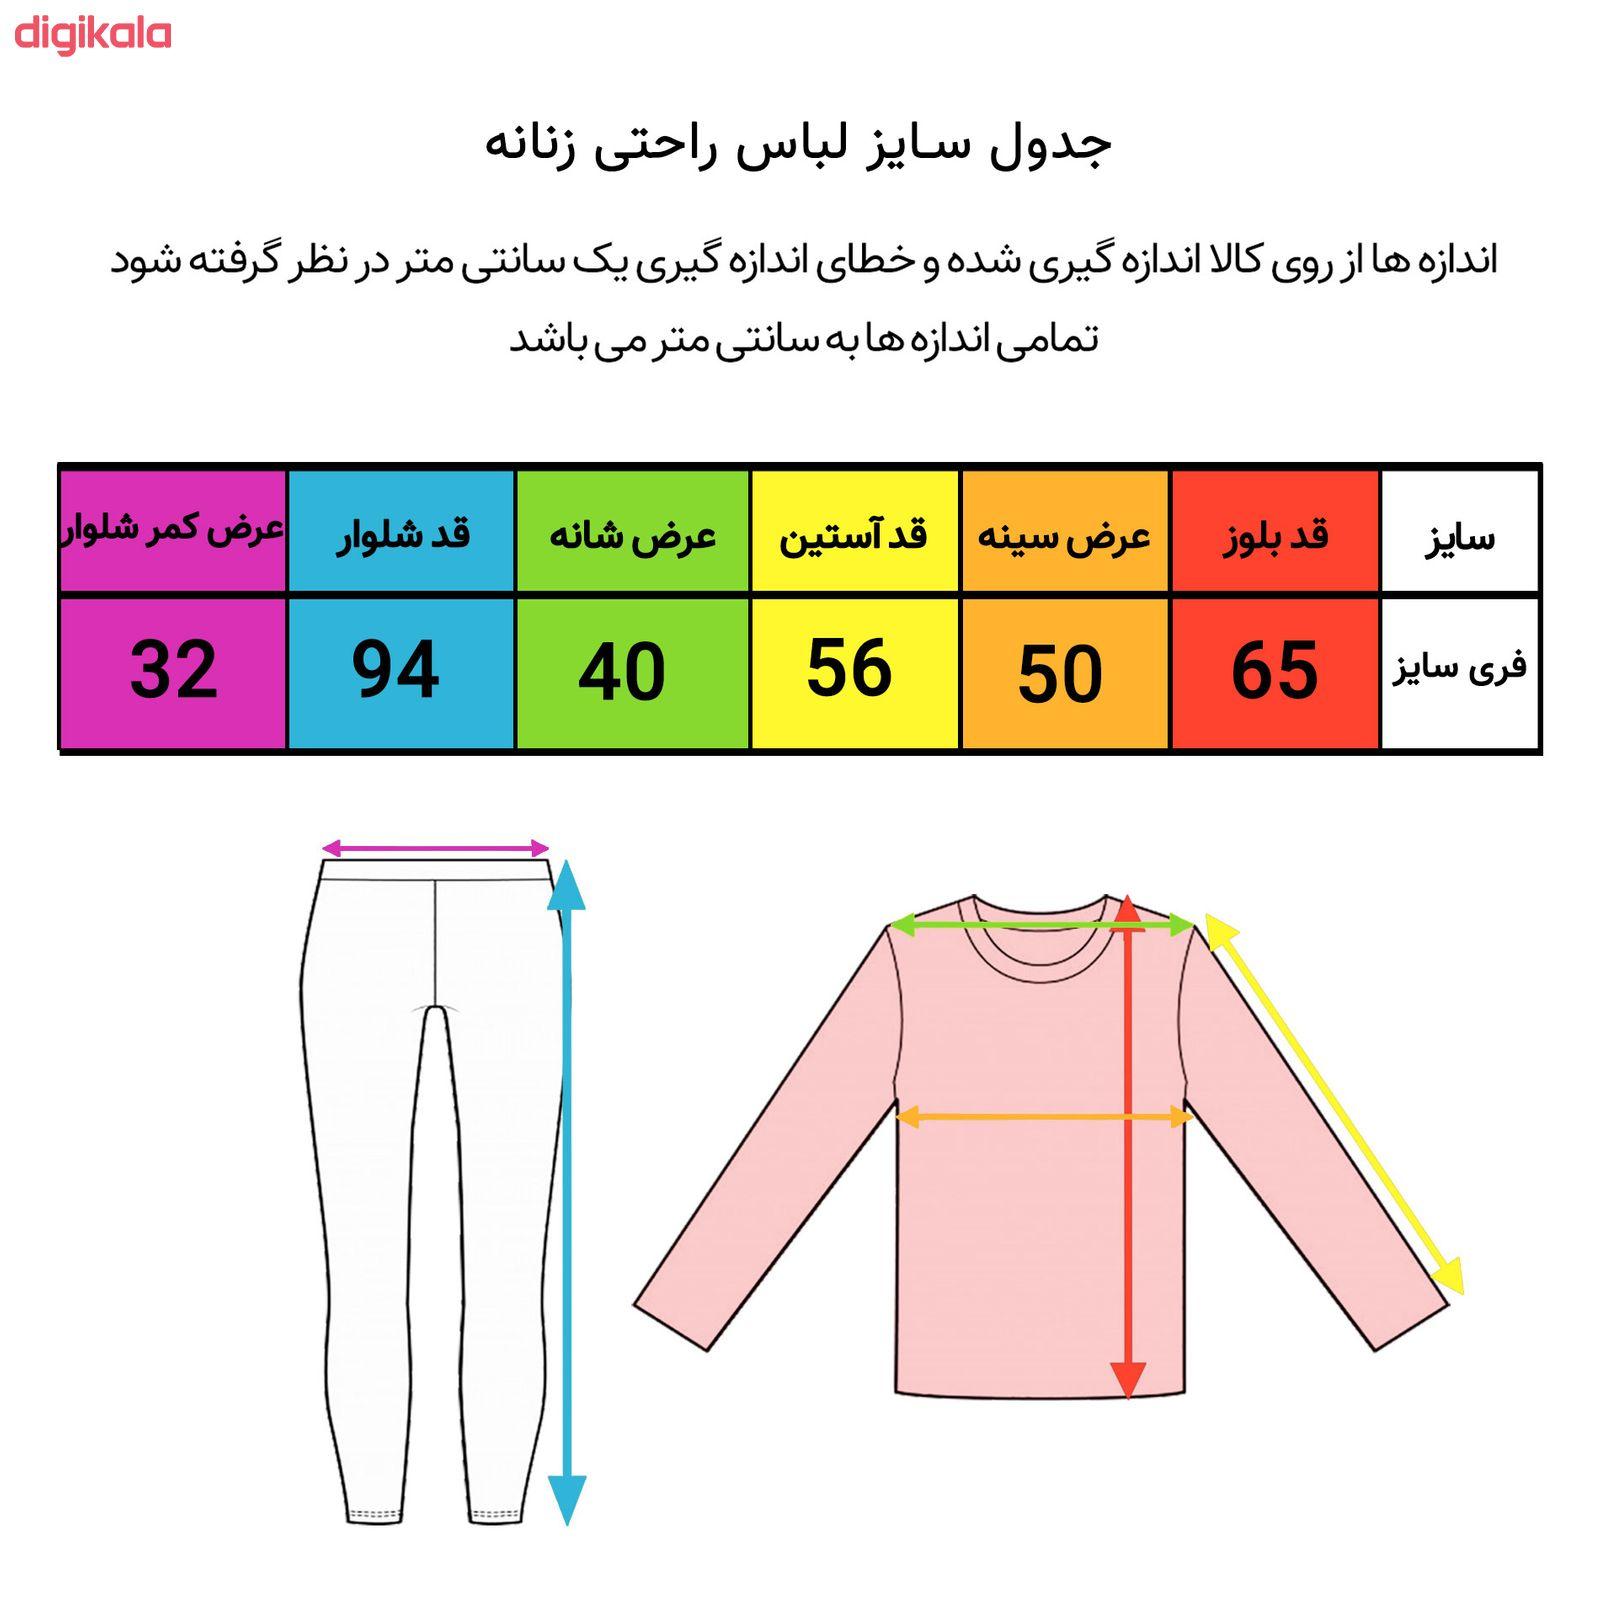 ست تی شرت و شلوار زنانه ماییلدا مدل 3587-2 main 1 7